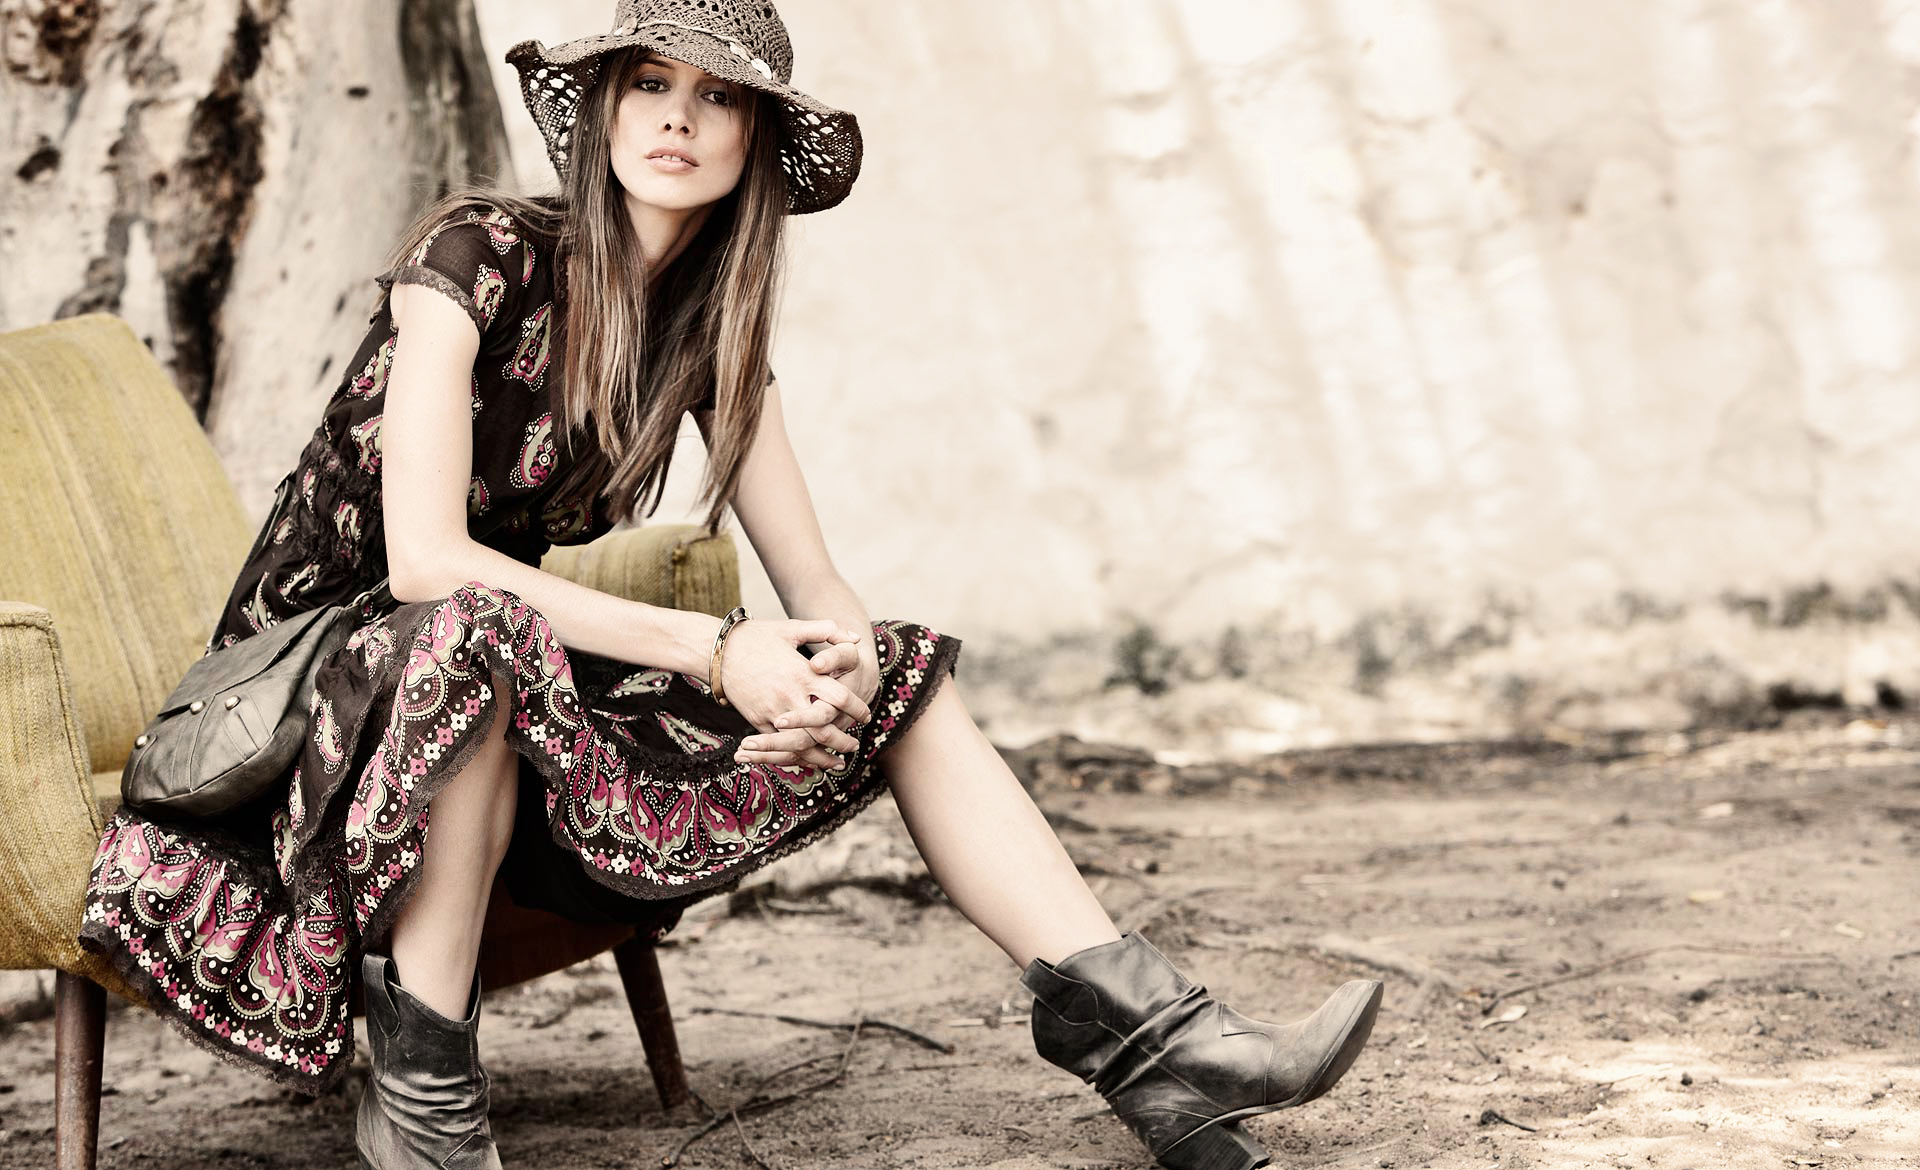 Women's Spring Summer Fashion